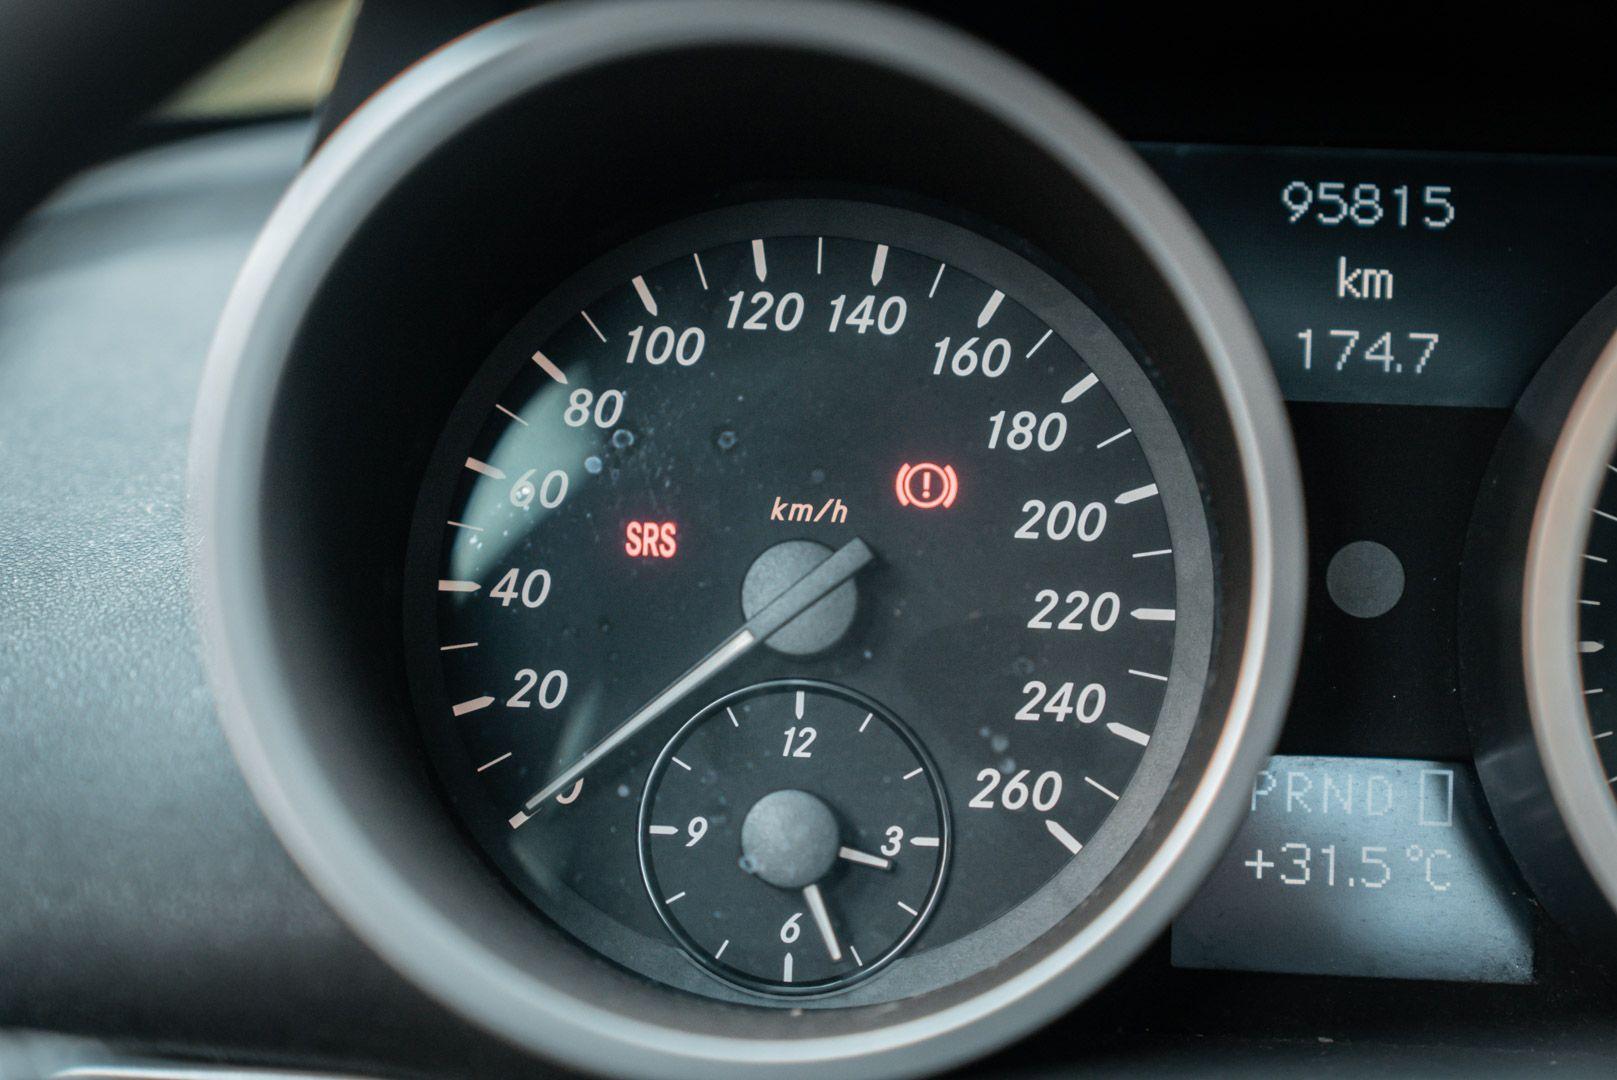 2004 Mercedes Benz SLK 200 Kompressor 80688